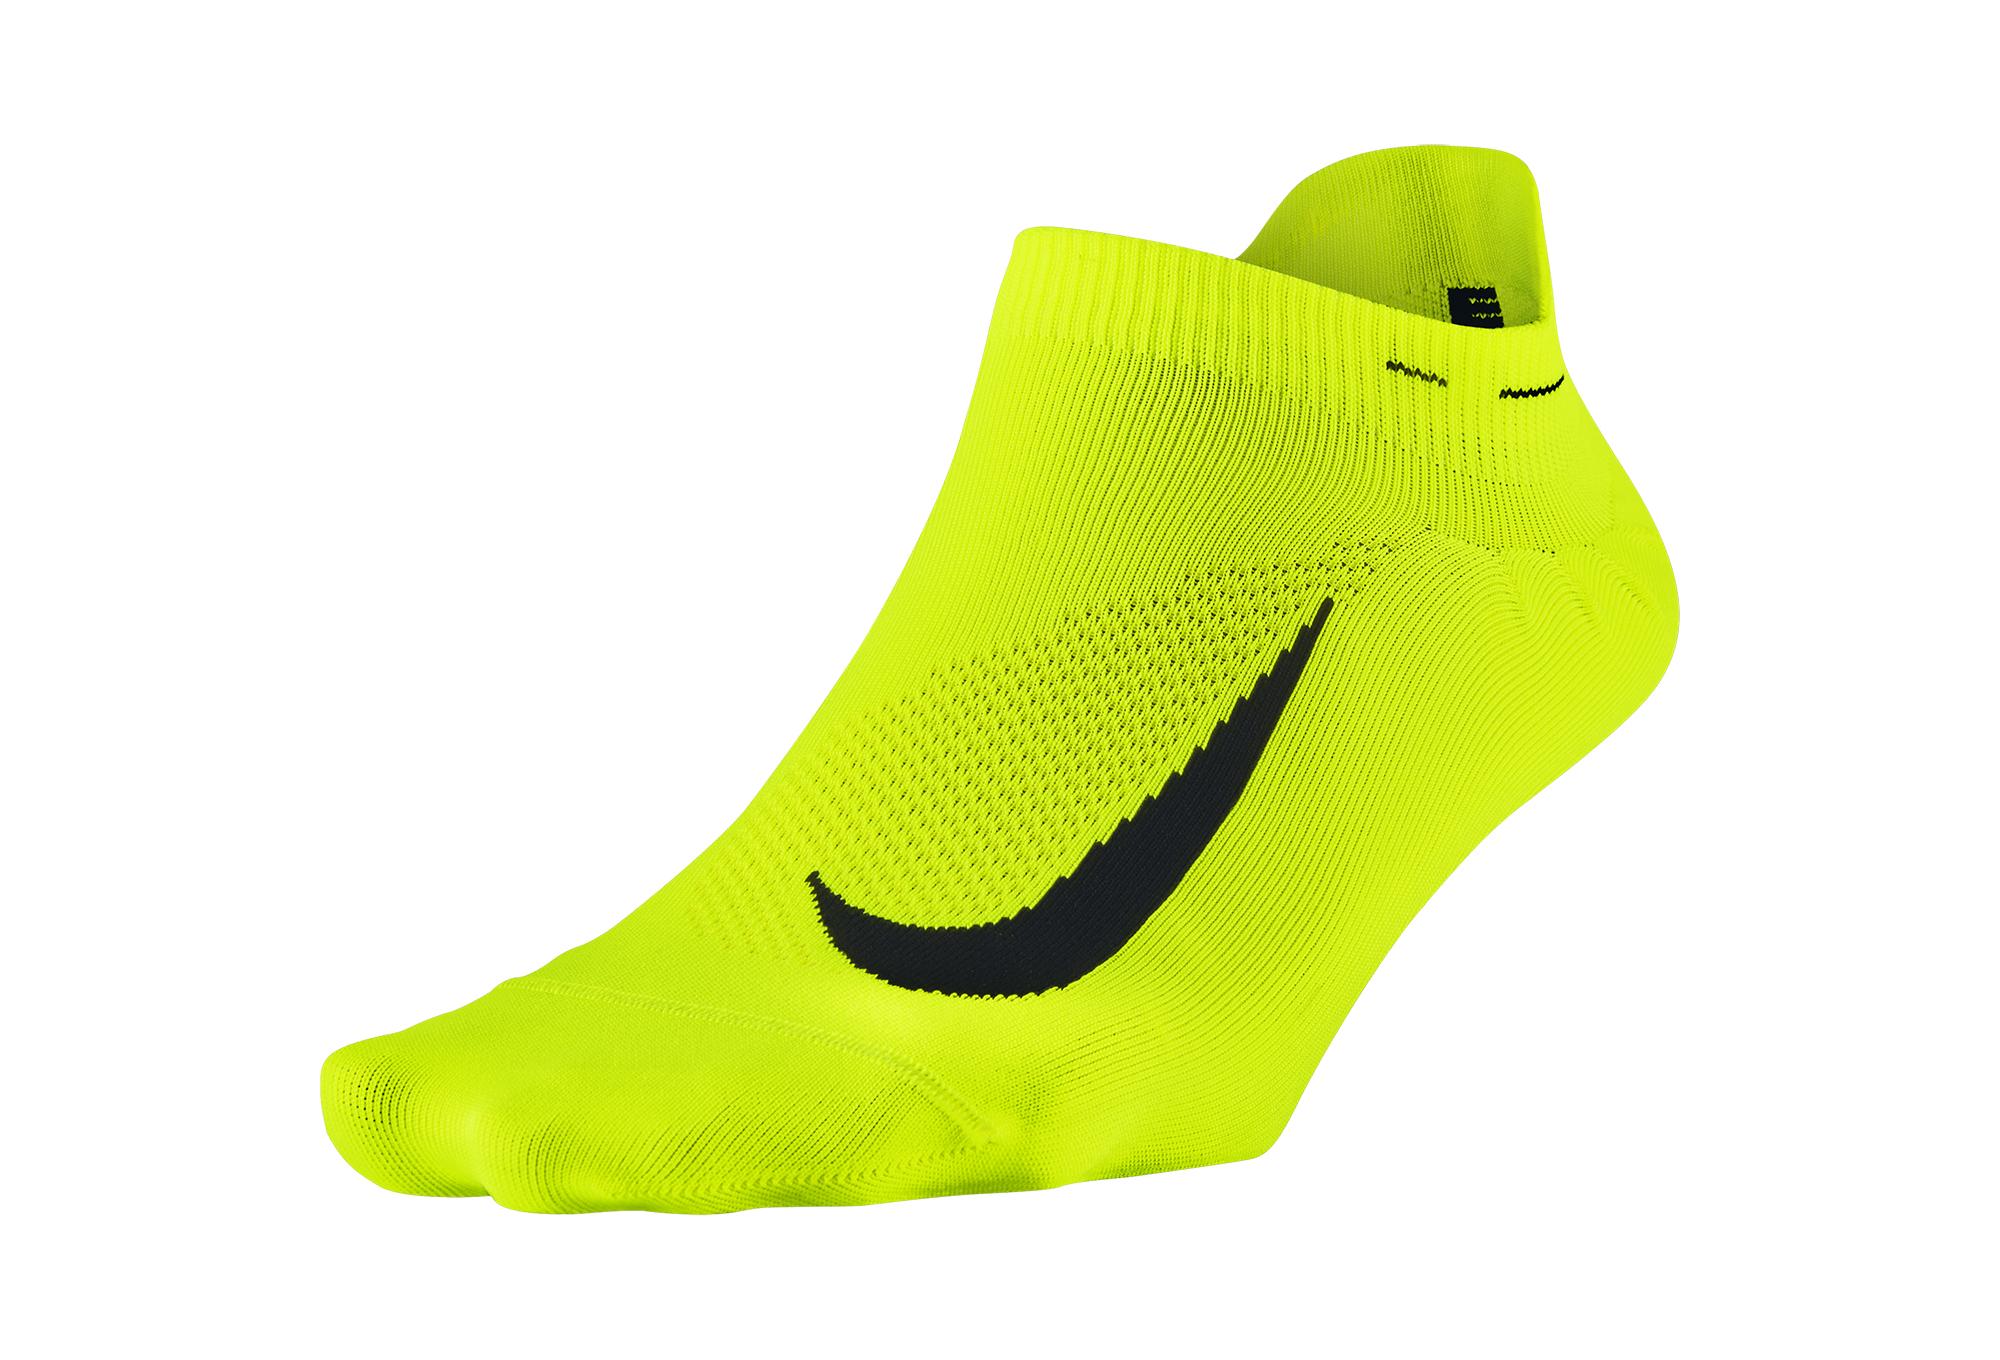 Paire De Chaussettes Nike Elite Lightweight Jaune Fluo